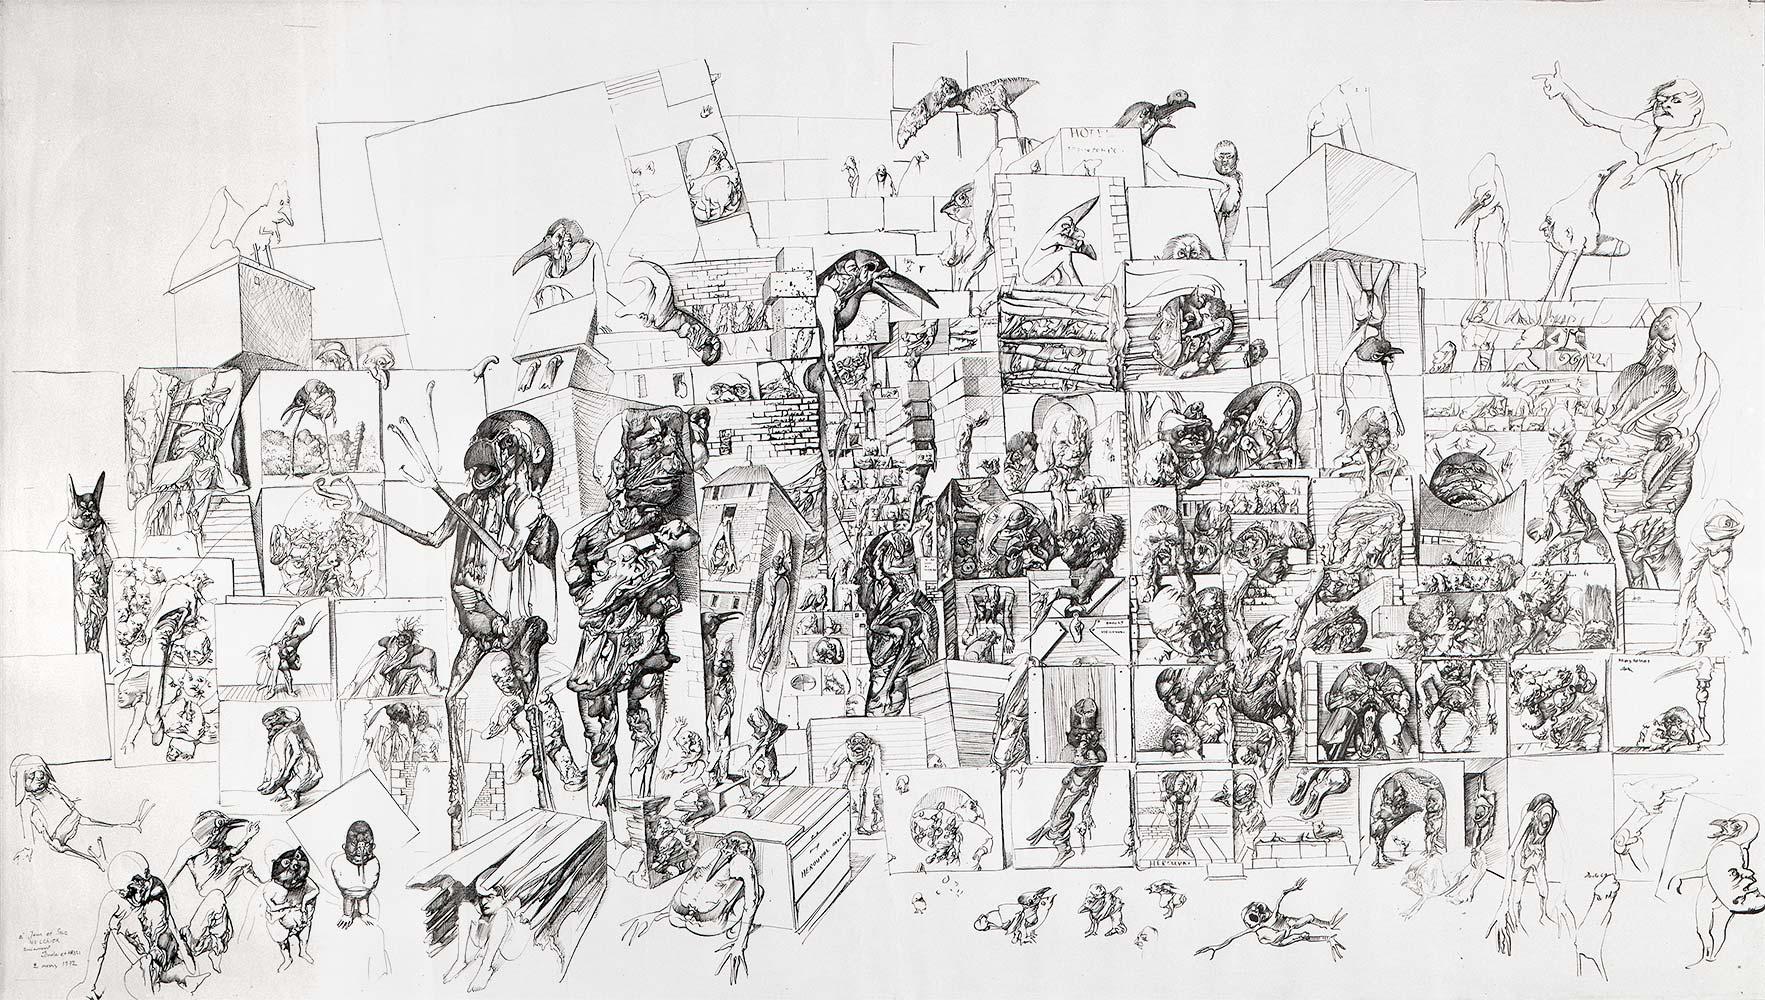 Prijevoz Umjetnina, 1969